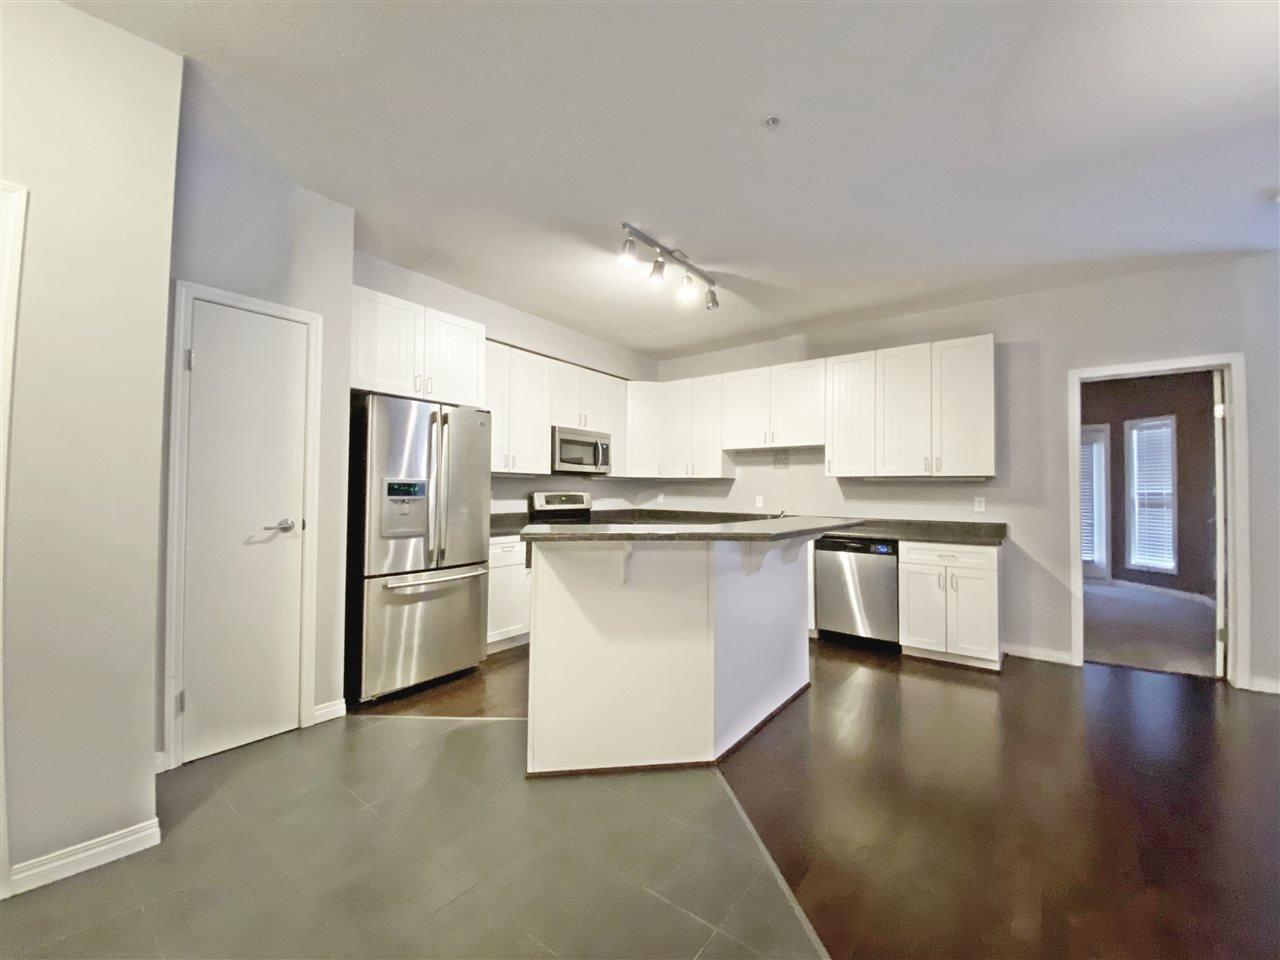 Main Photo: 121 4304 139 Avenue in Edmonton: Zone 35 Condo for sale : MLS®# E4181741